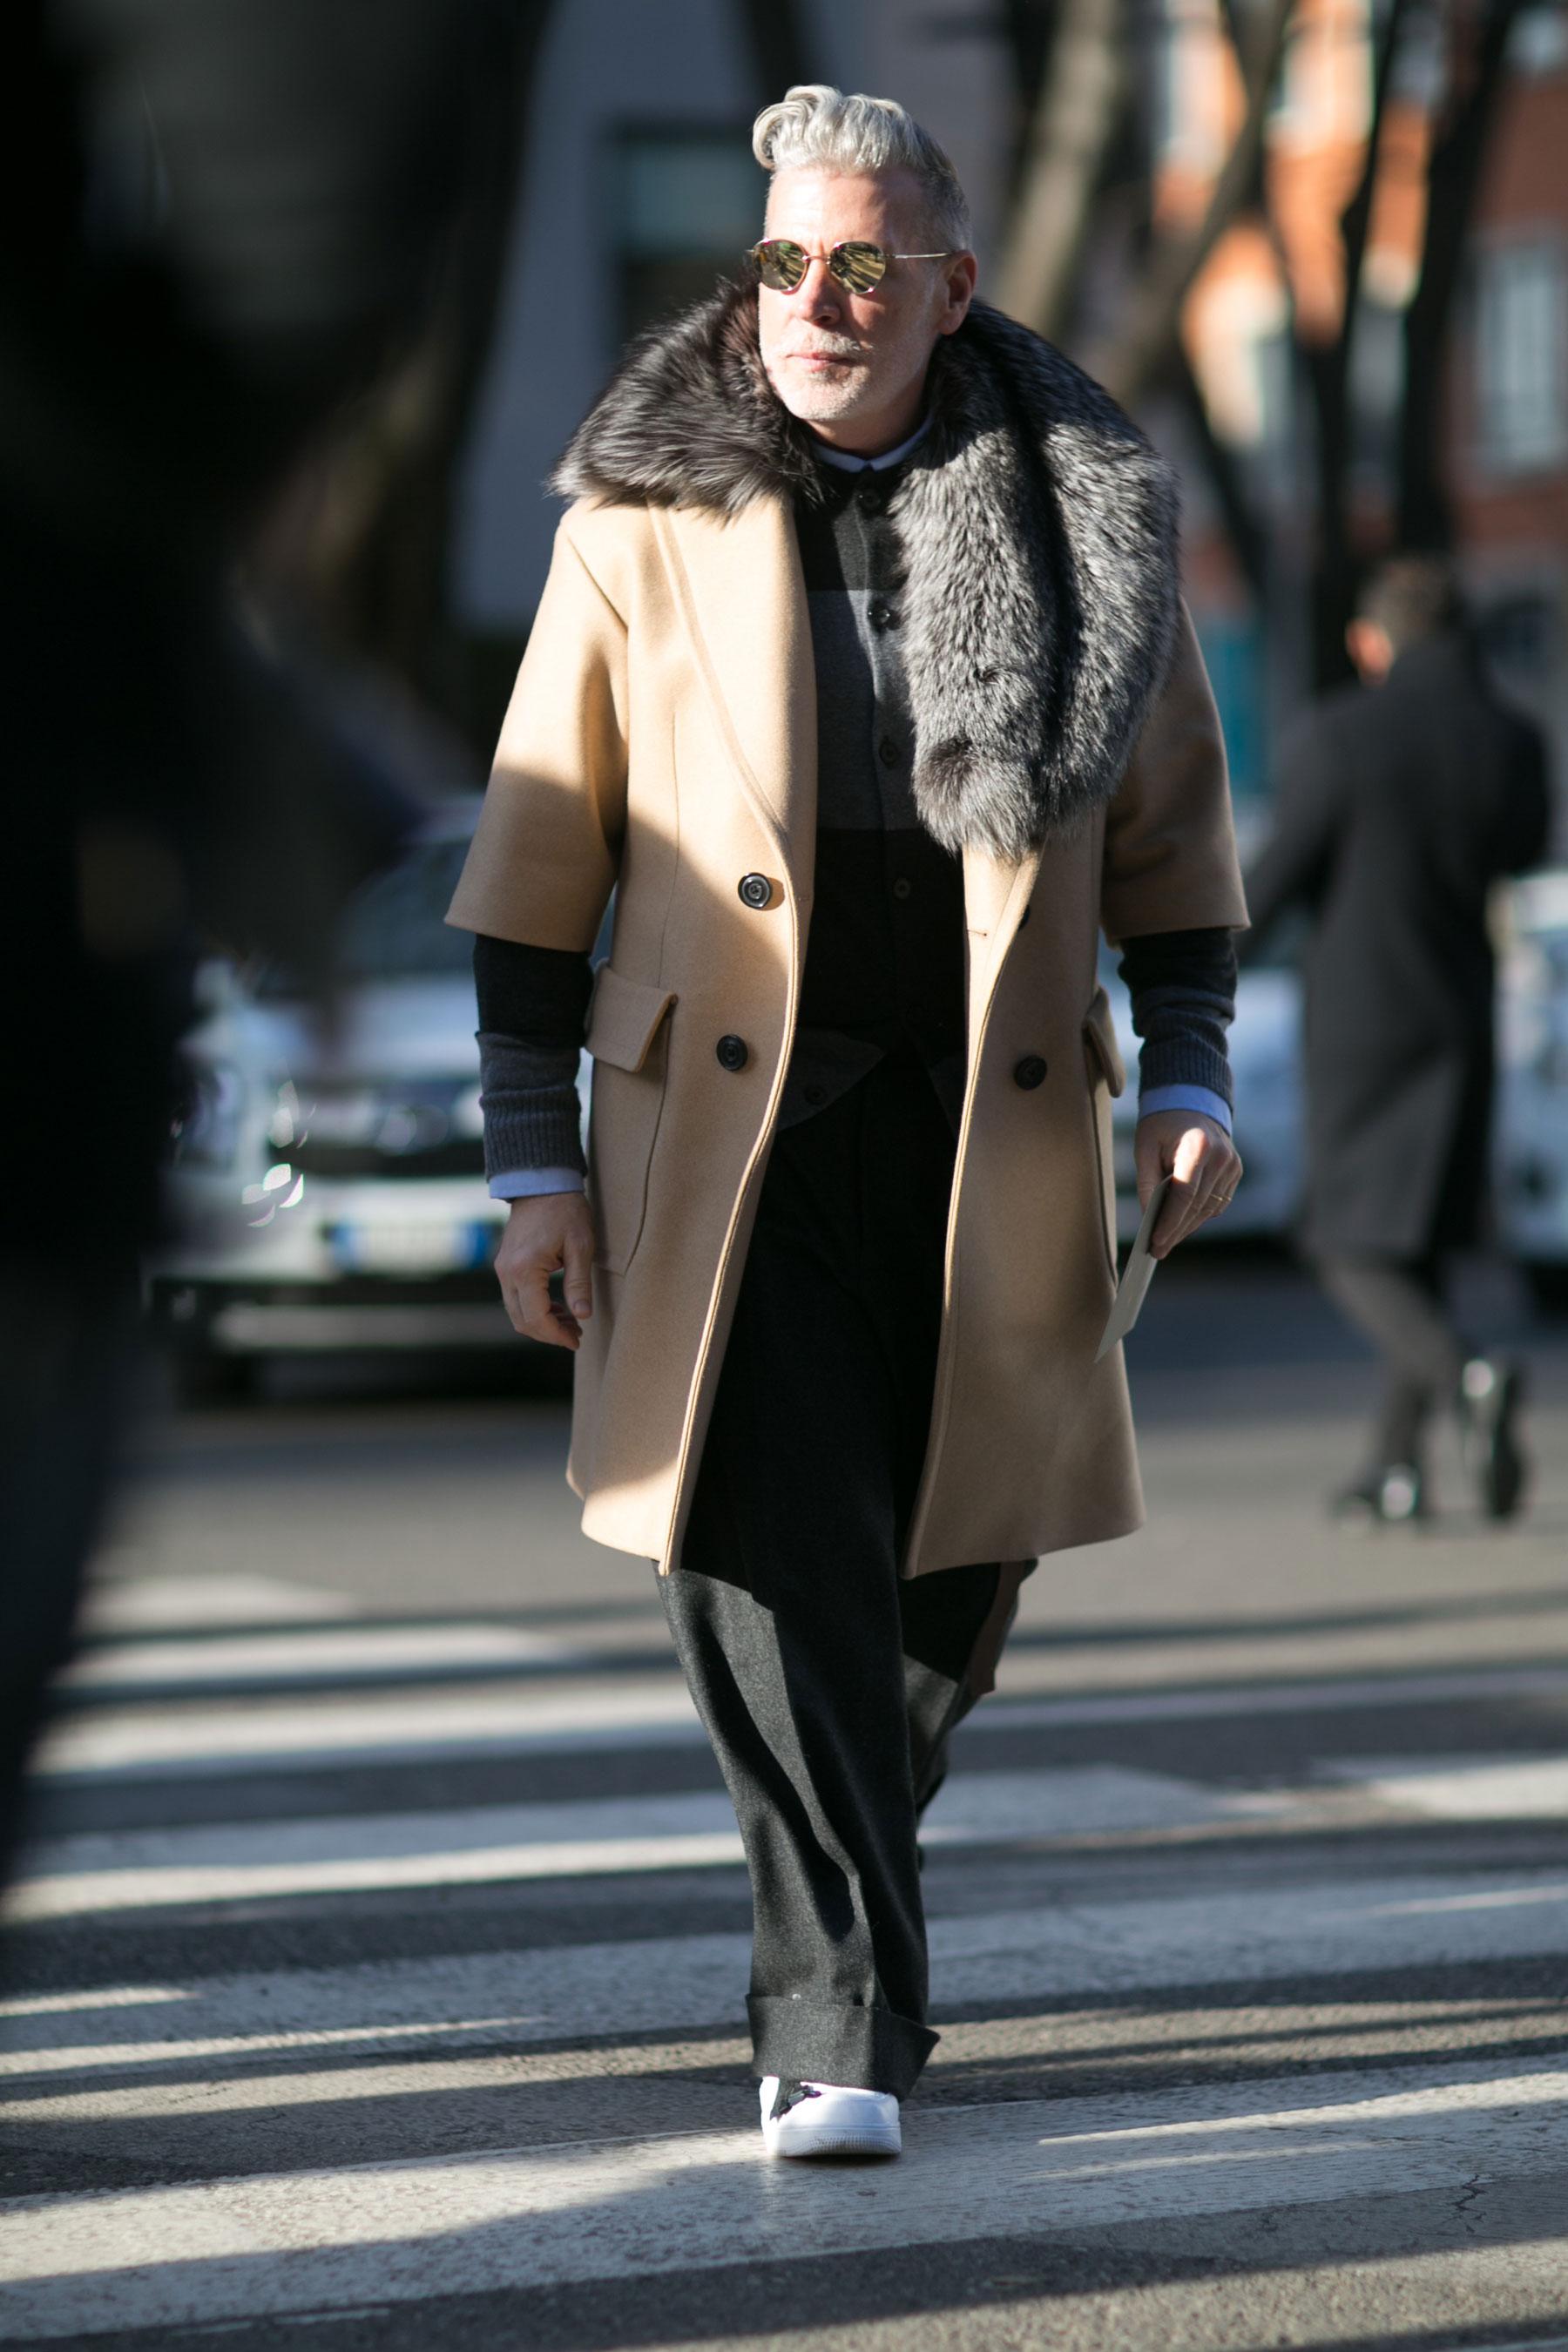 ニックウースター ベージュ七分袖コート×ファーマフラー×ボーダーカーディガン×黒ワイドパンツ